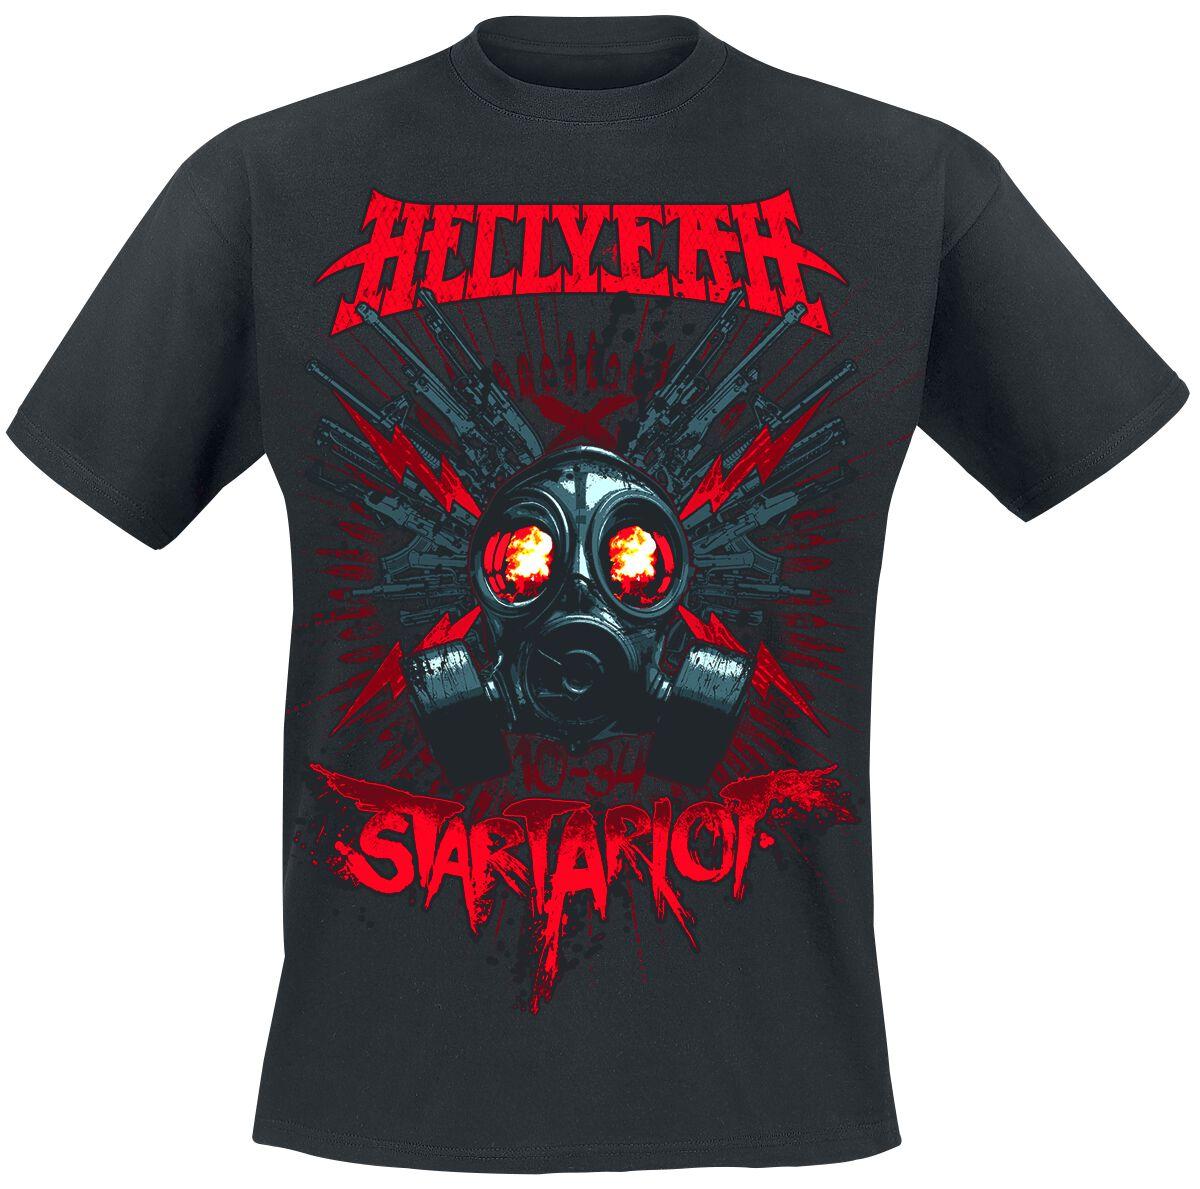 Zespoły - Koszulki - T-Shirt Hellyeah Startariot T-Shirt czarny - 353520